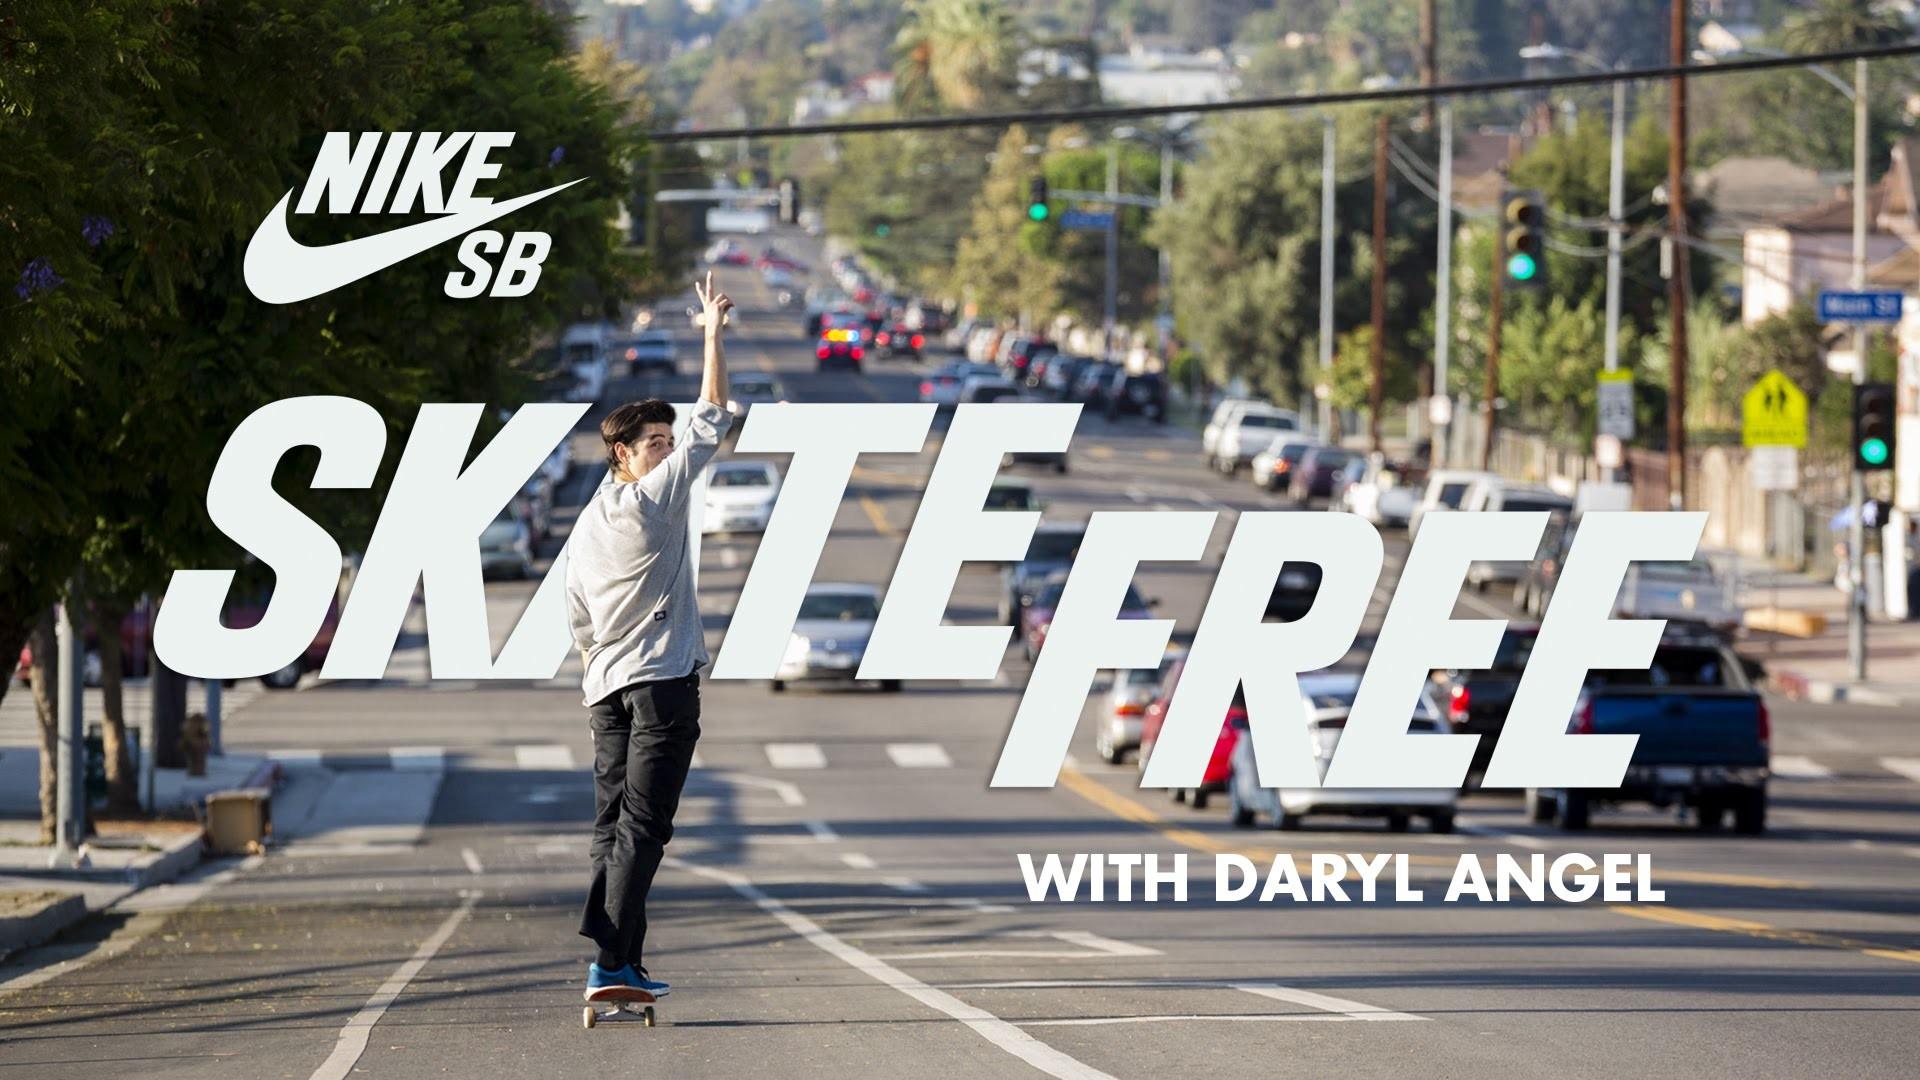 Skate Logos Wallpaper – WallpaperSafari